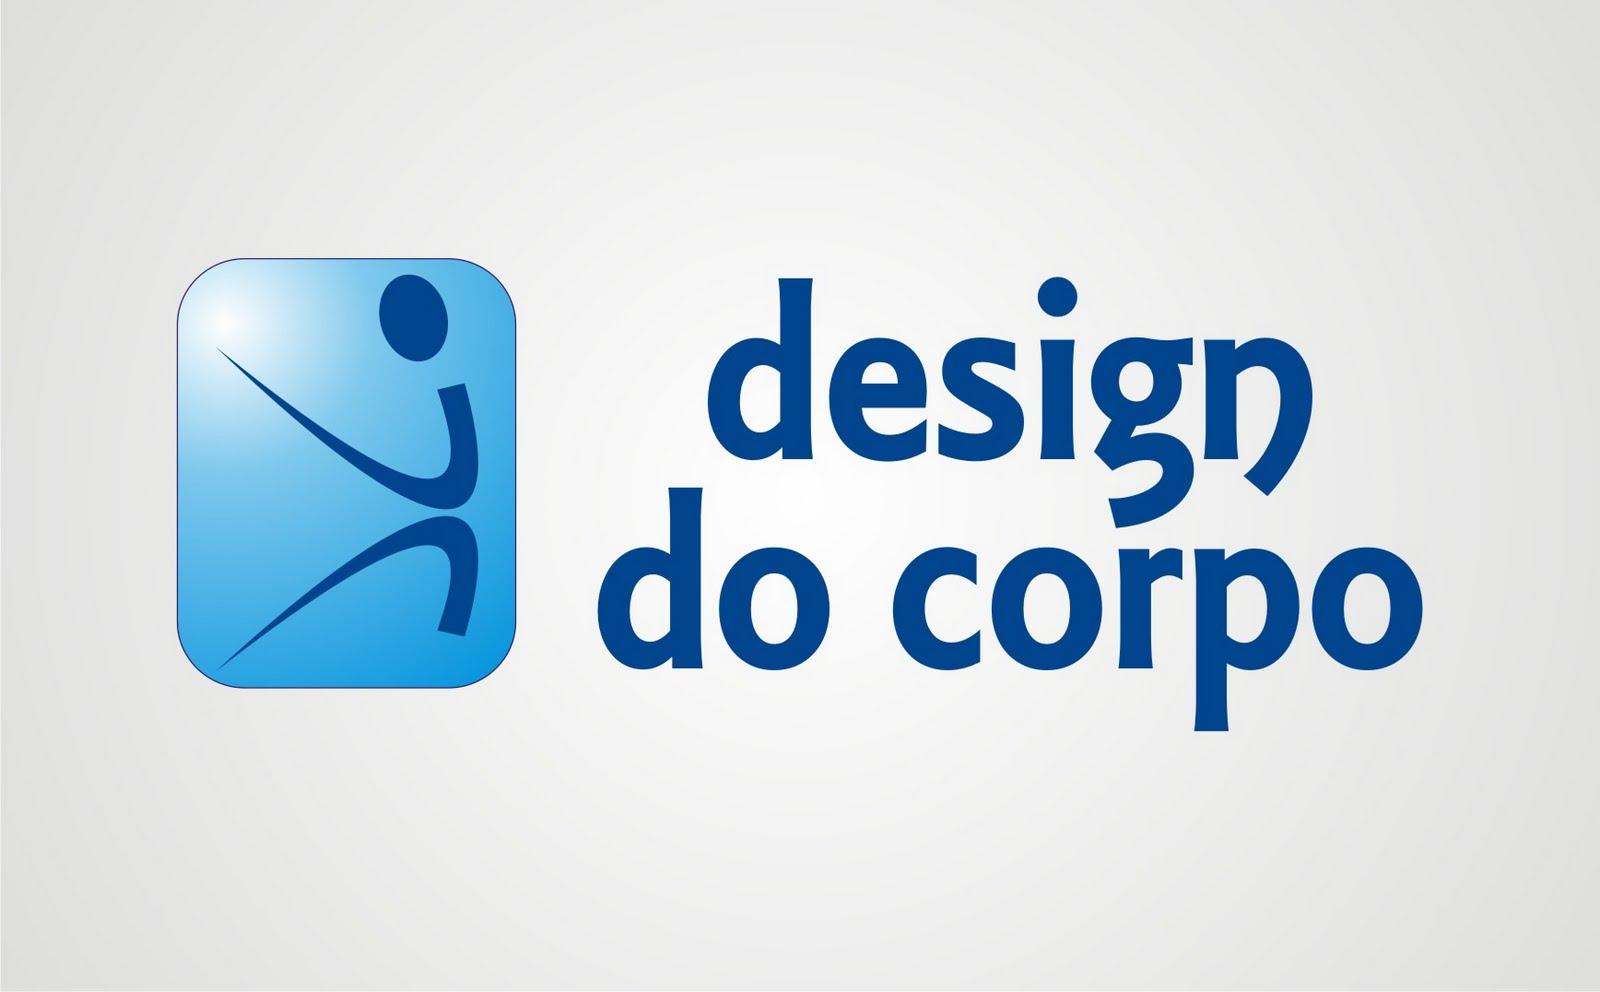 http://4.bp.blogspot.com/_i-9jqU3cvoo/TGQ-oyO-GgI/AAAAAAAAAJI/S_RvtVKRHMA/s1600/Design+do+Corpo_logo.jpg